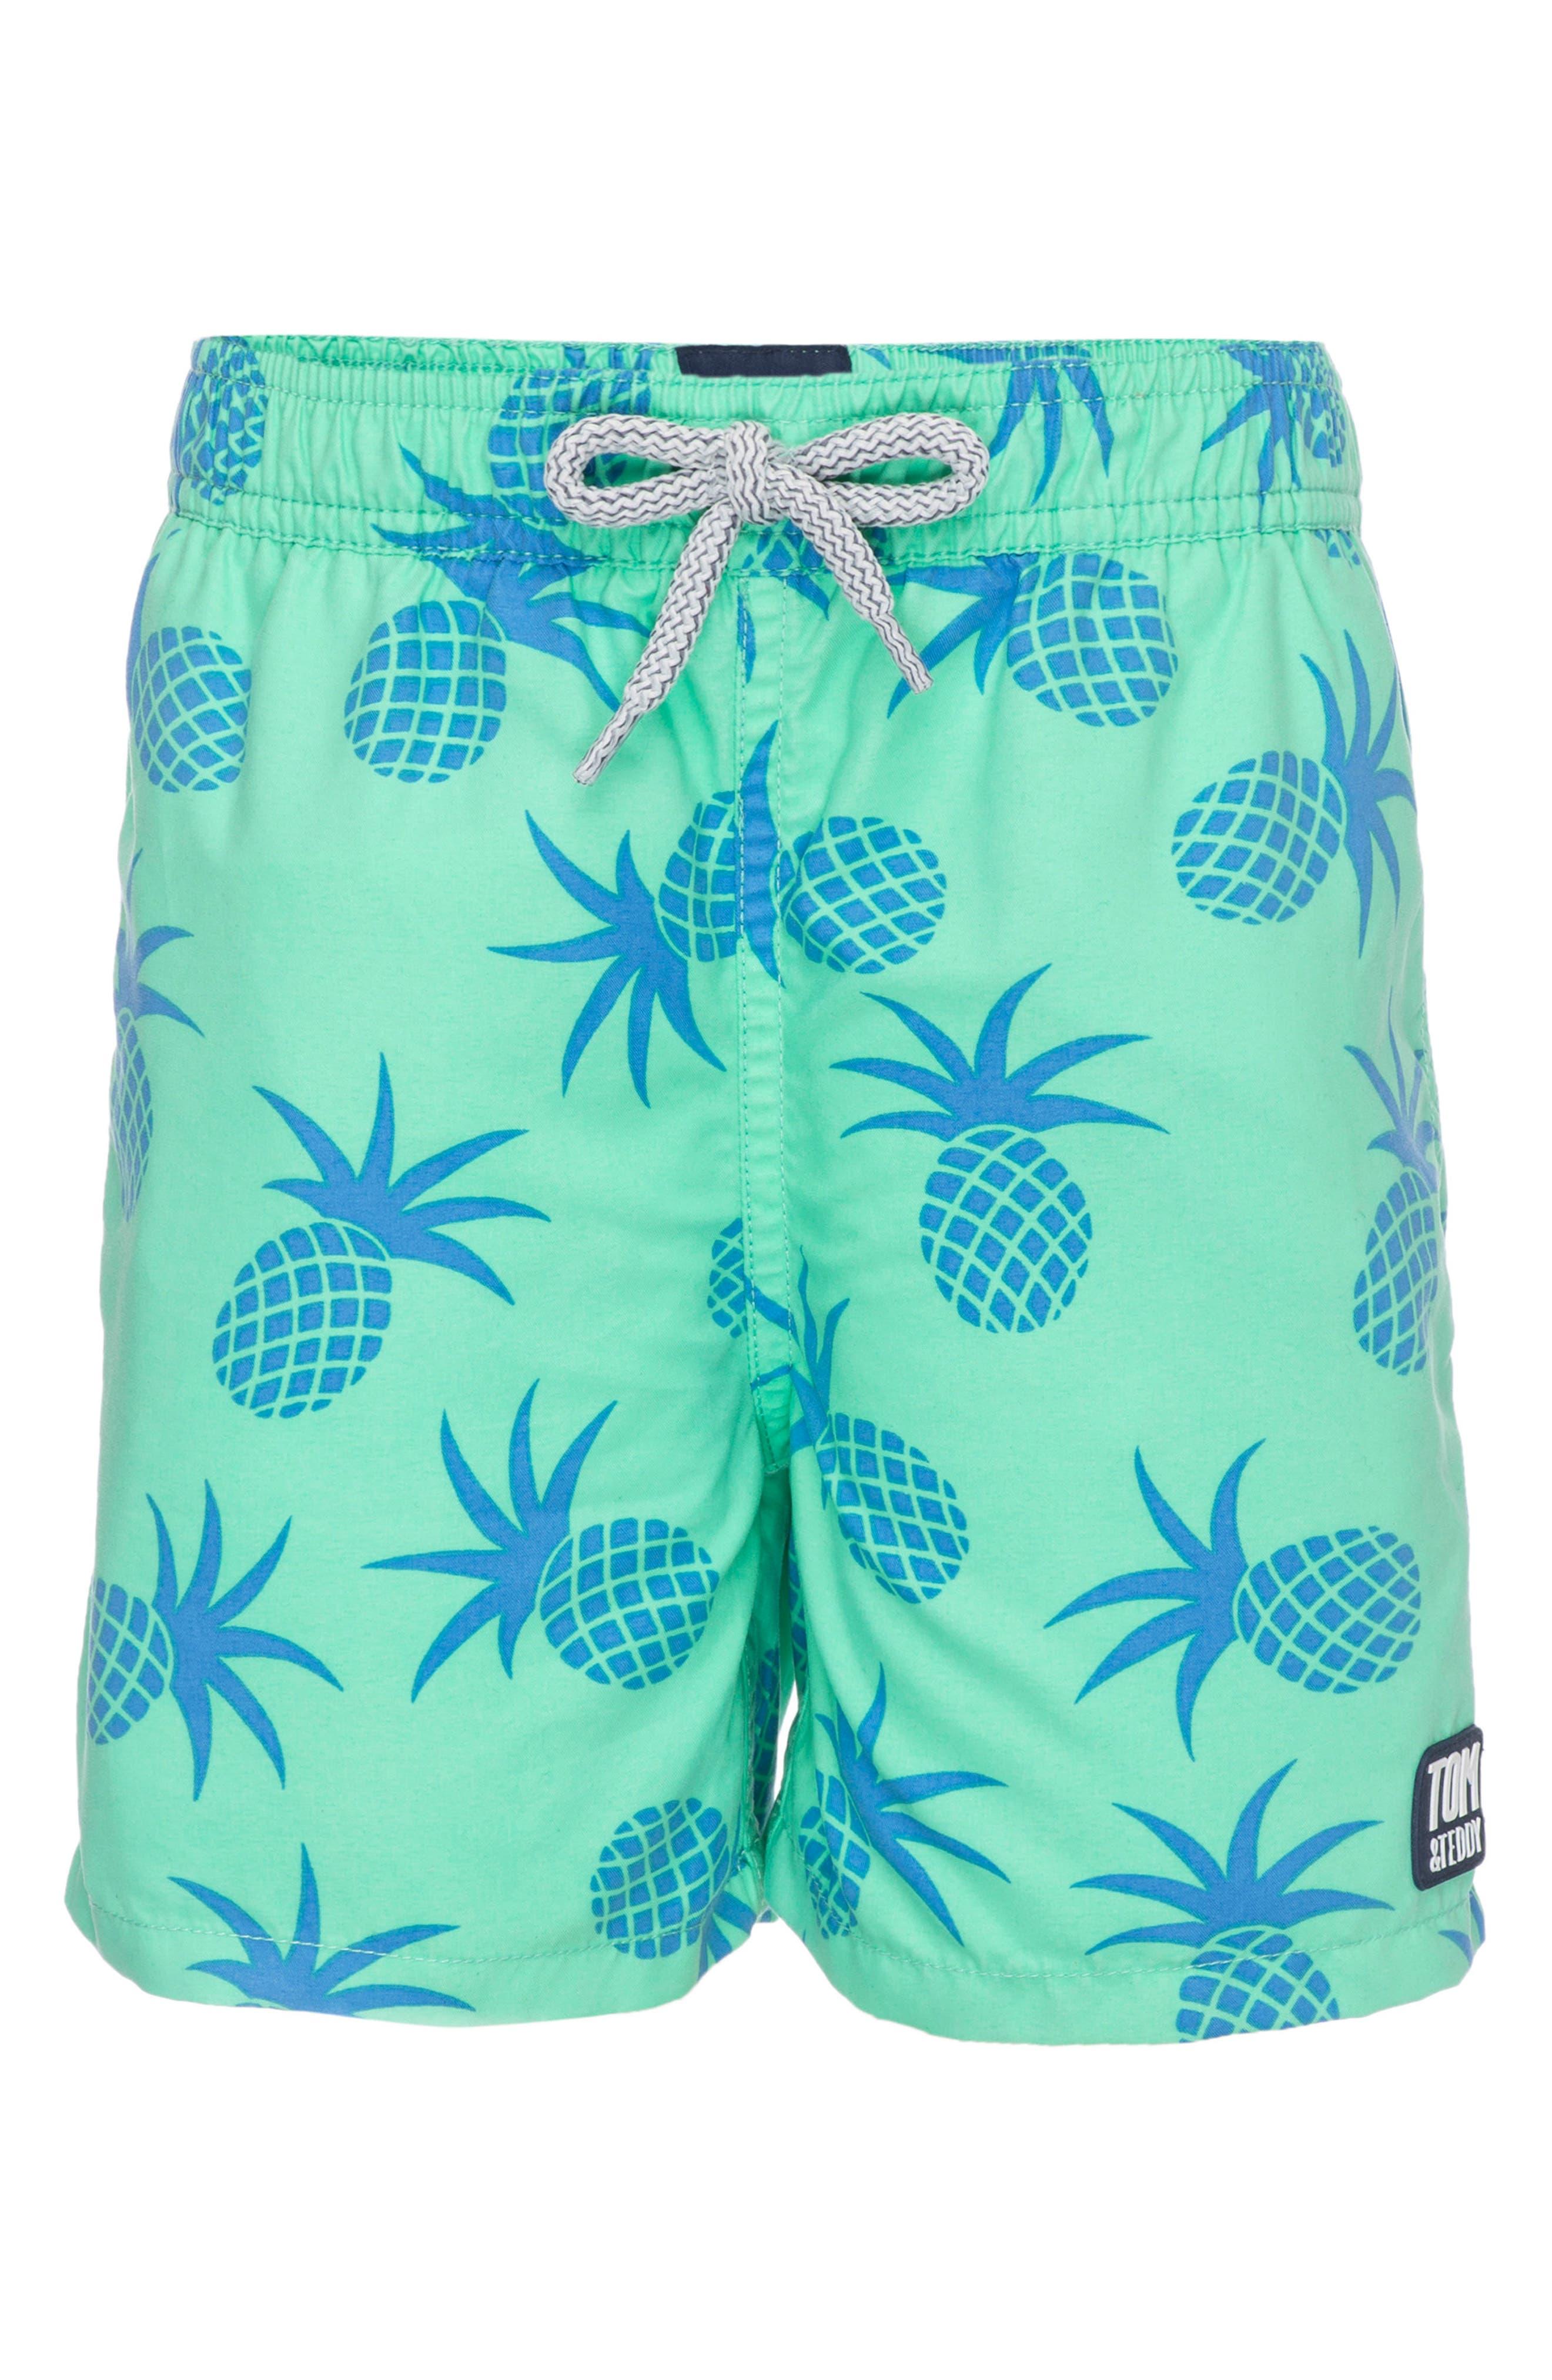 TOM & TEDDY, Pineapple Swim Trunks, Alternate thumbnail 3, color, JADE GREEN